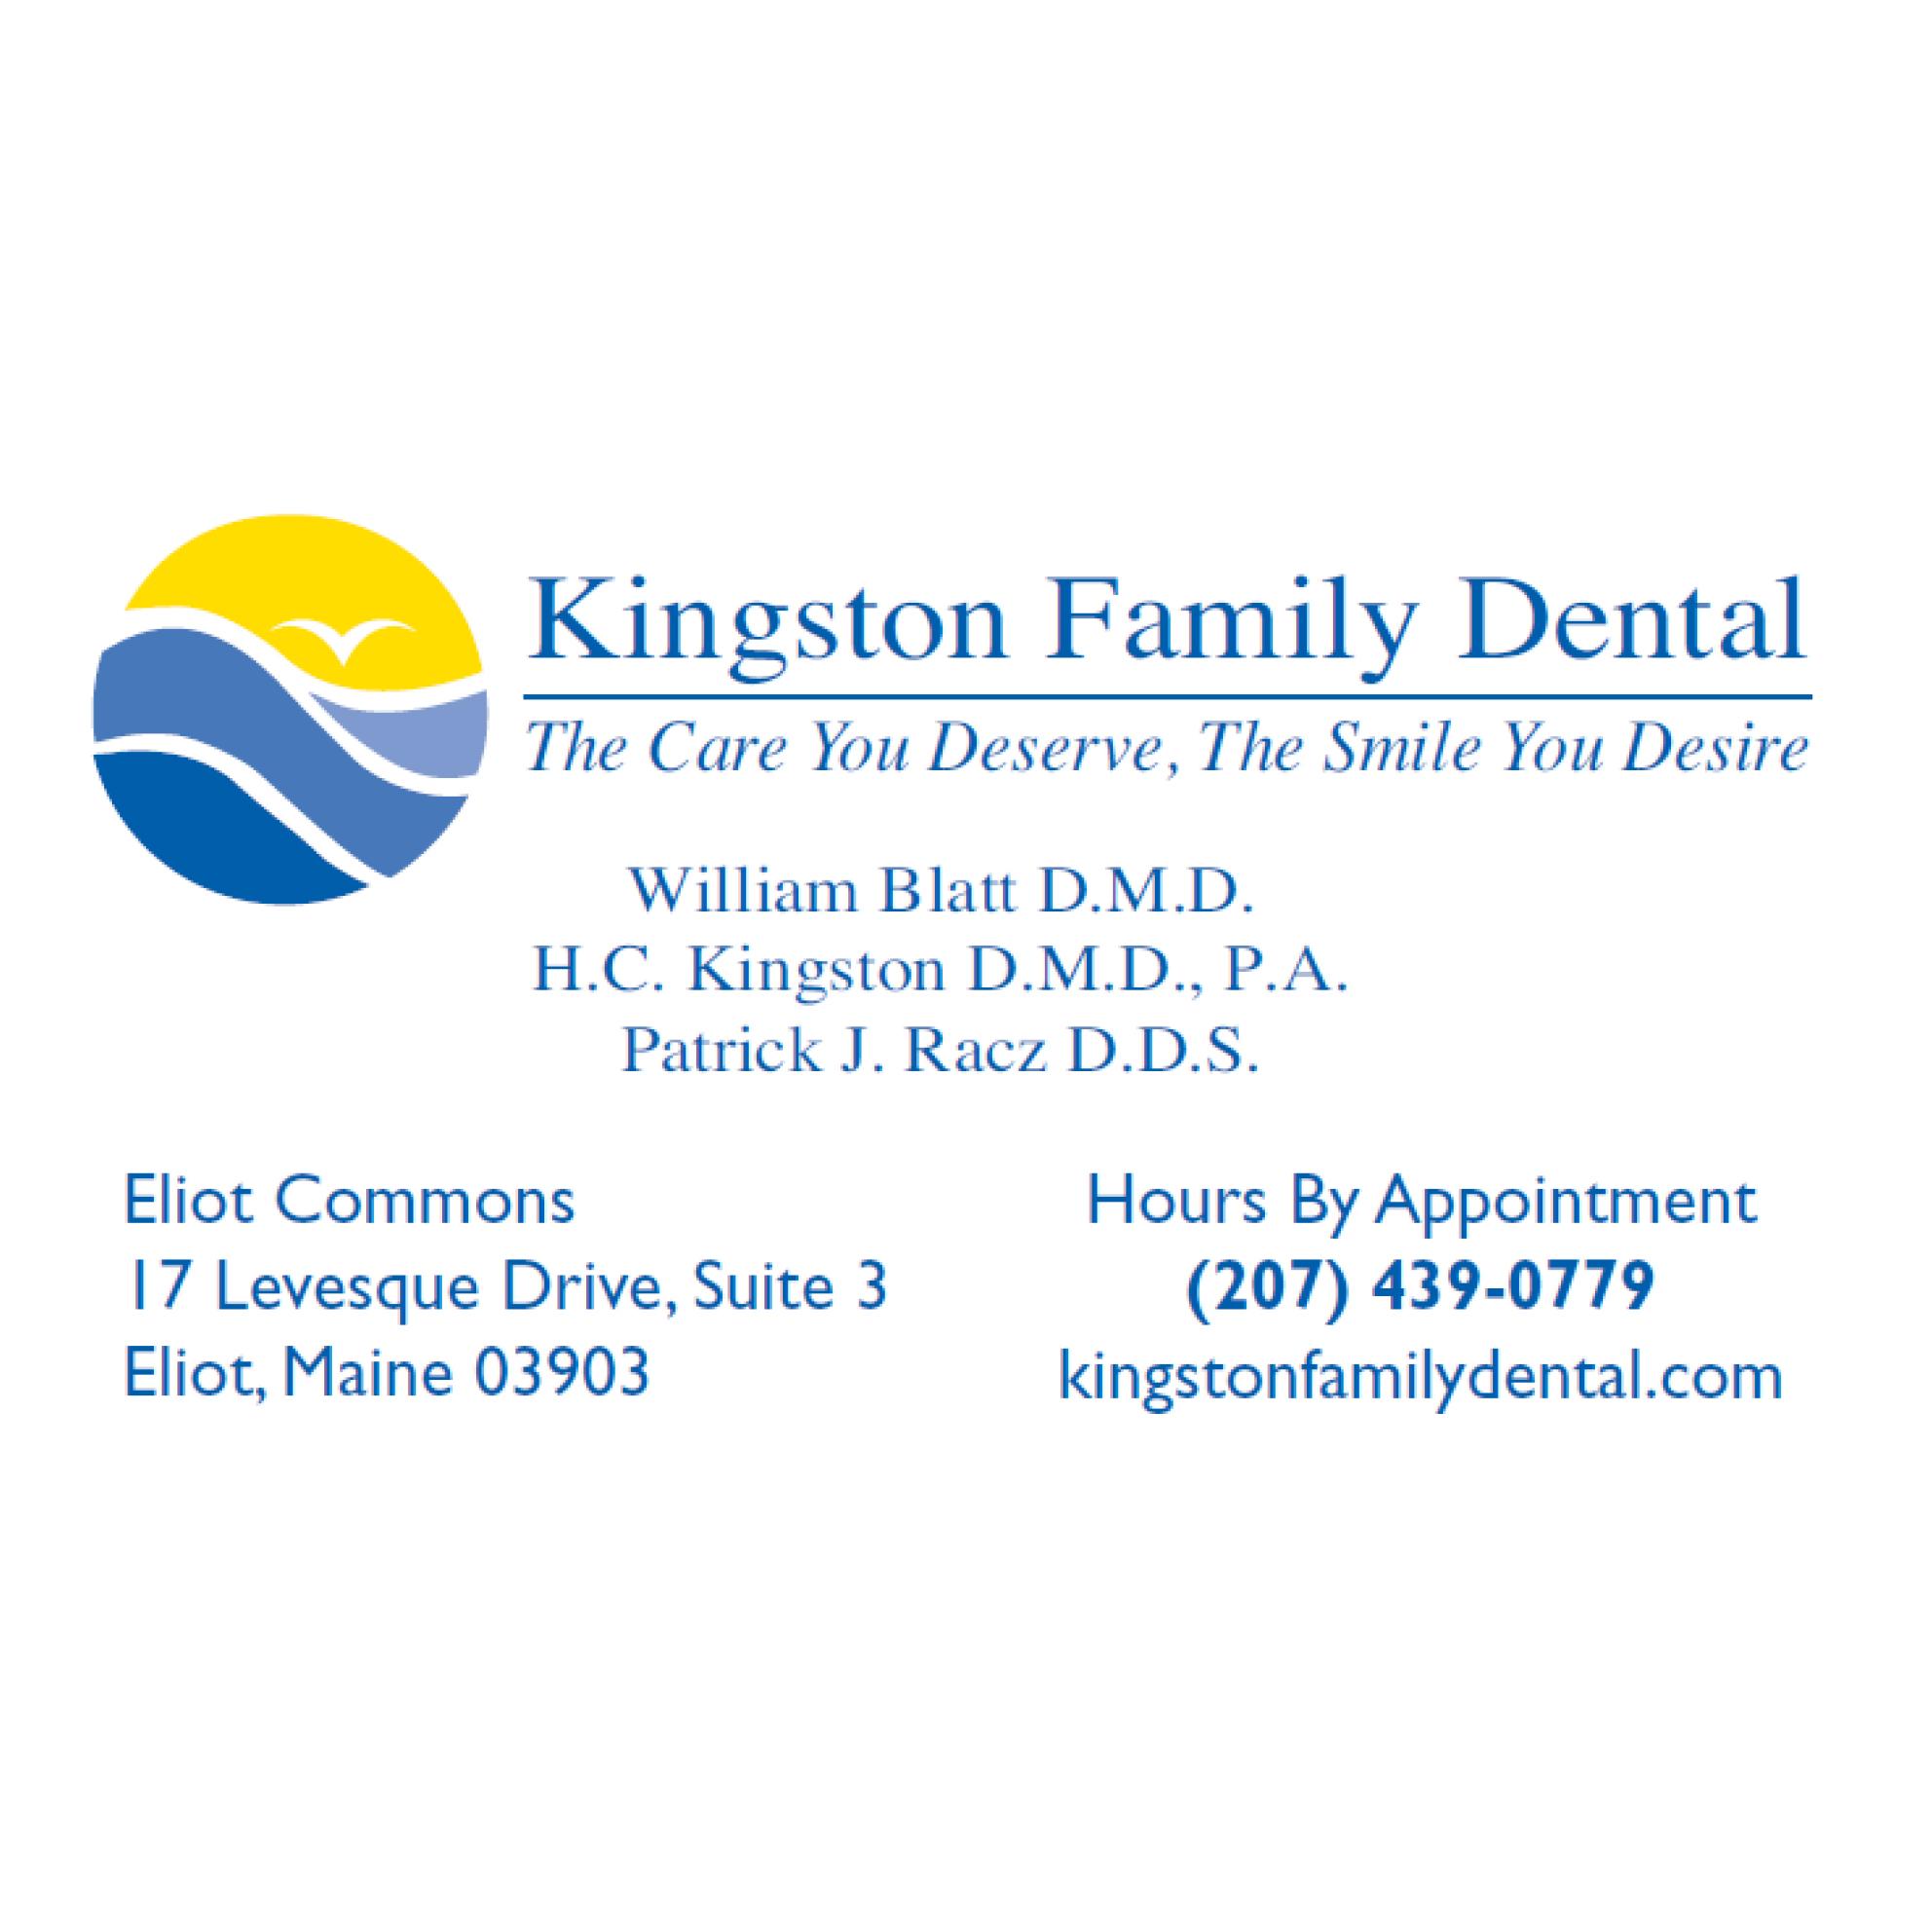 Kingston Family Dental